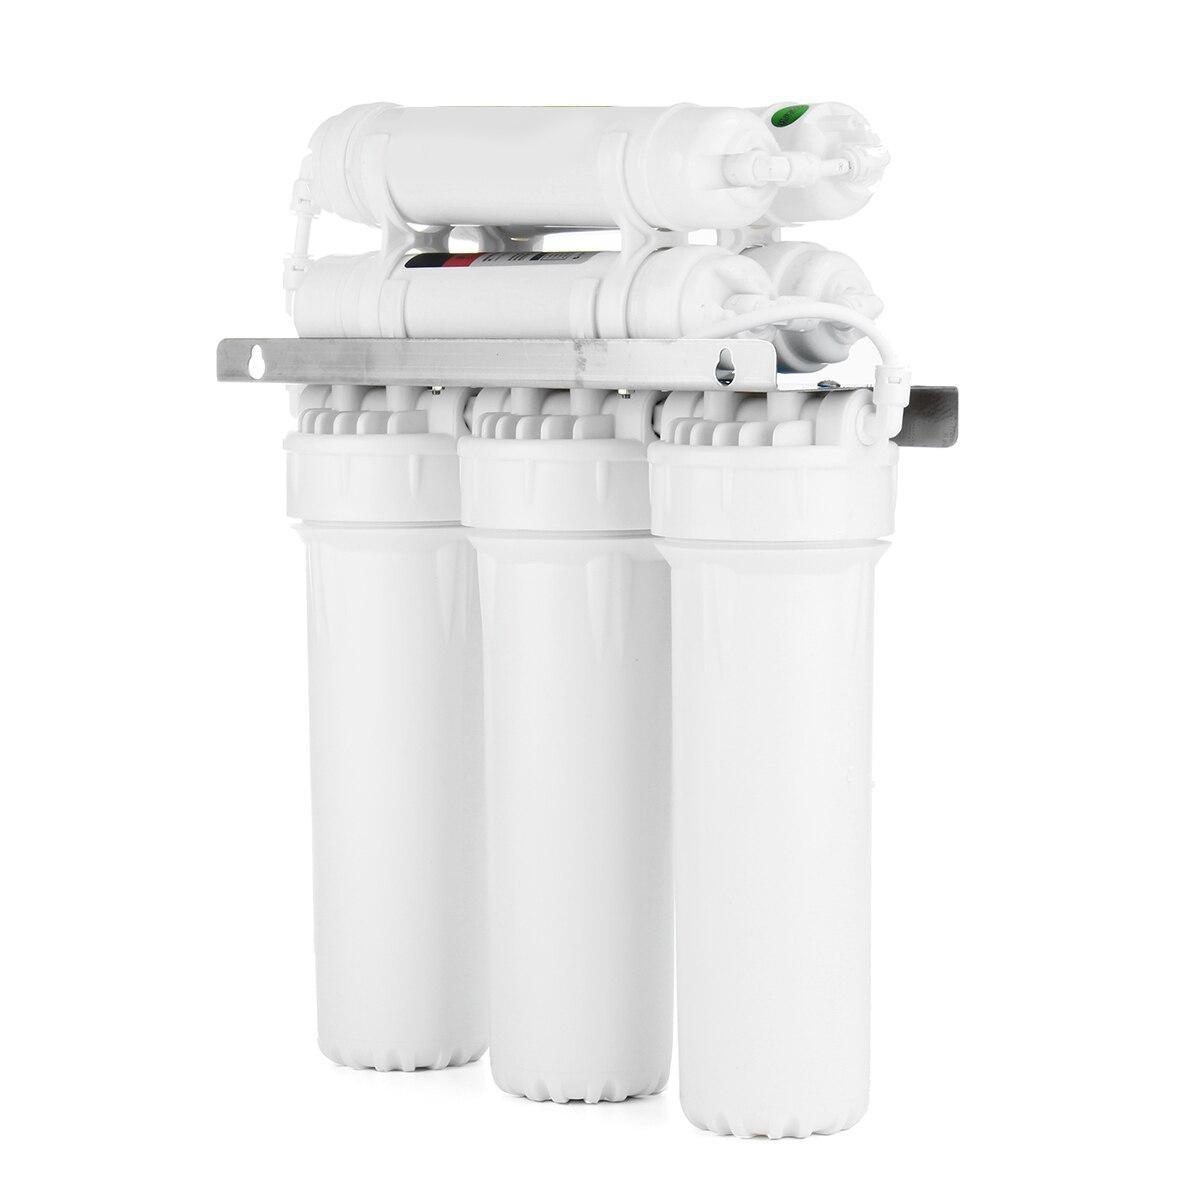 7-etapie System filtrowania wody z zaworem wodociągowym do picia System ultrafiltracji domu kuchnia oczyszczania filtry do wody